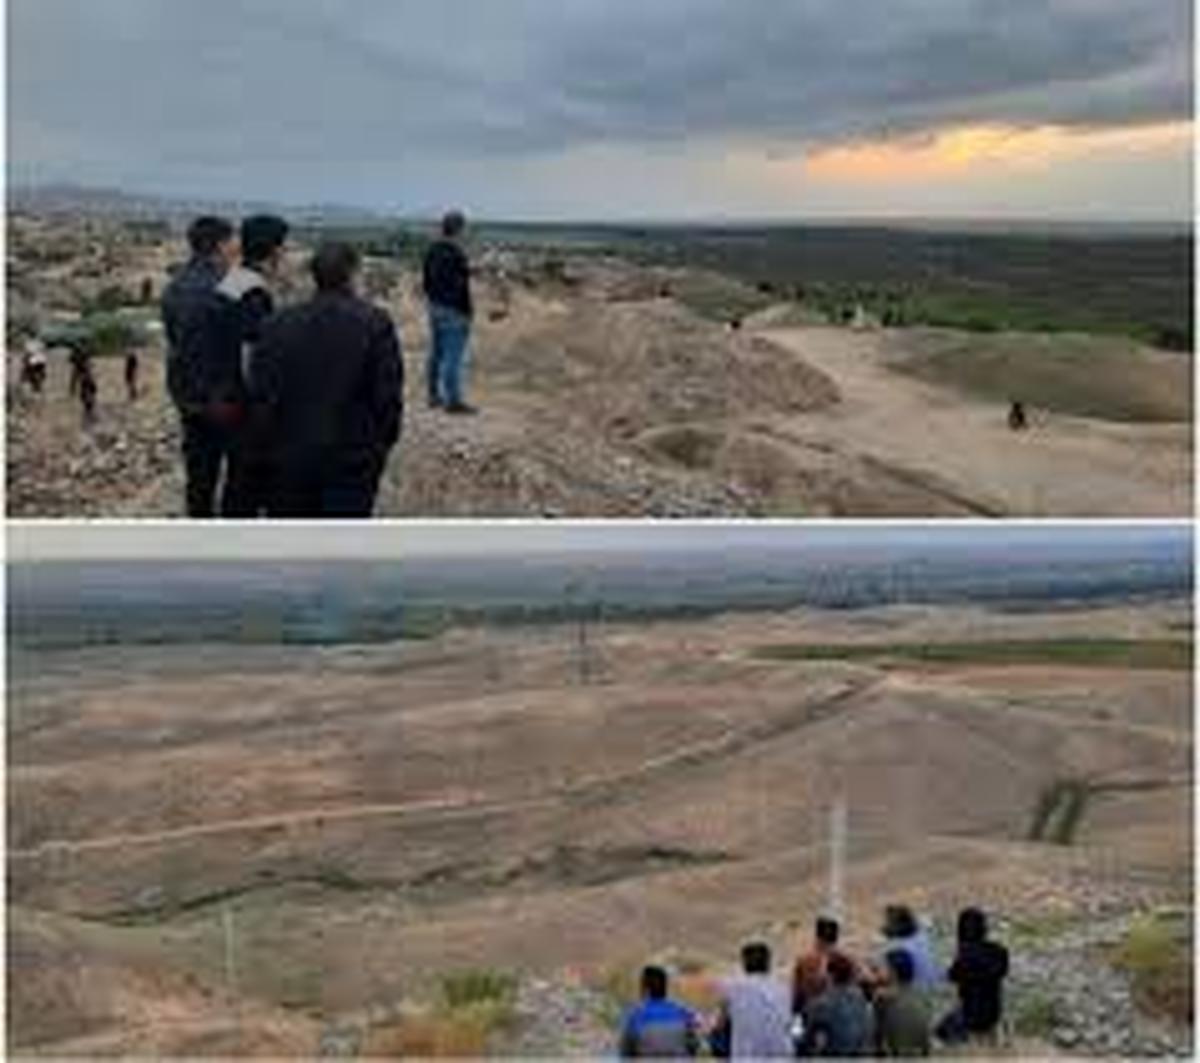 در نزدیکی مرز ایران درگیری نظامی جمهوری آذربایجان و ارمنستان ادامه دارد